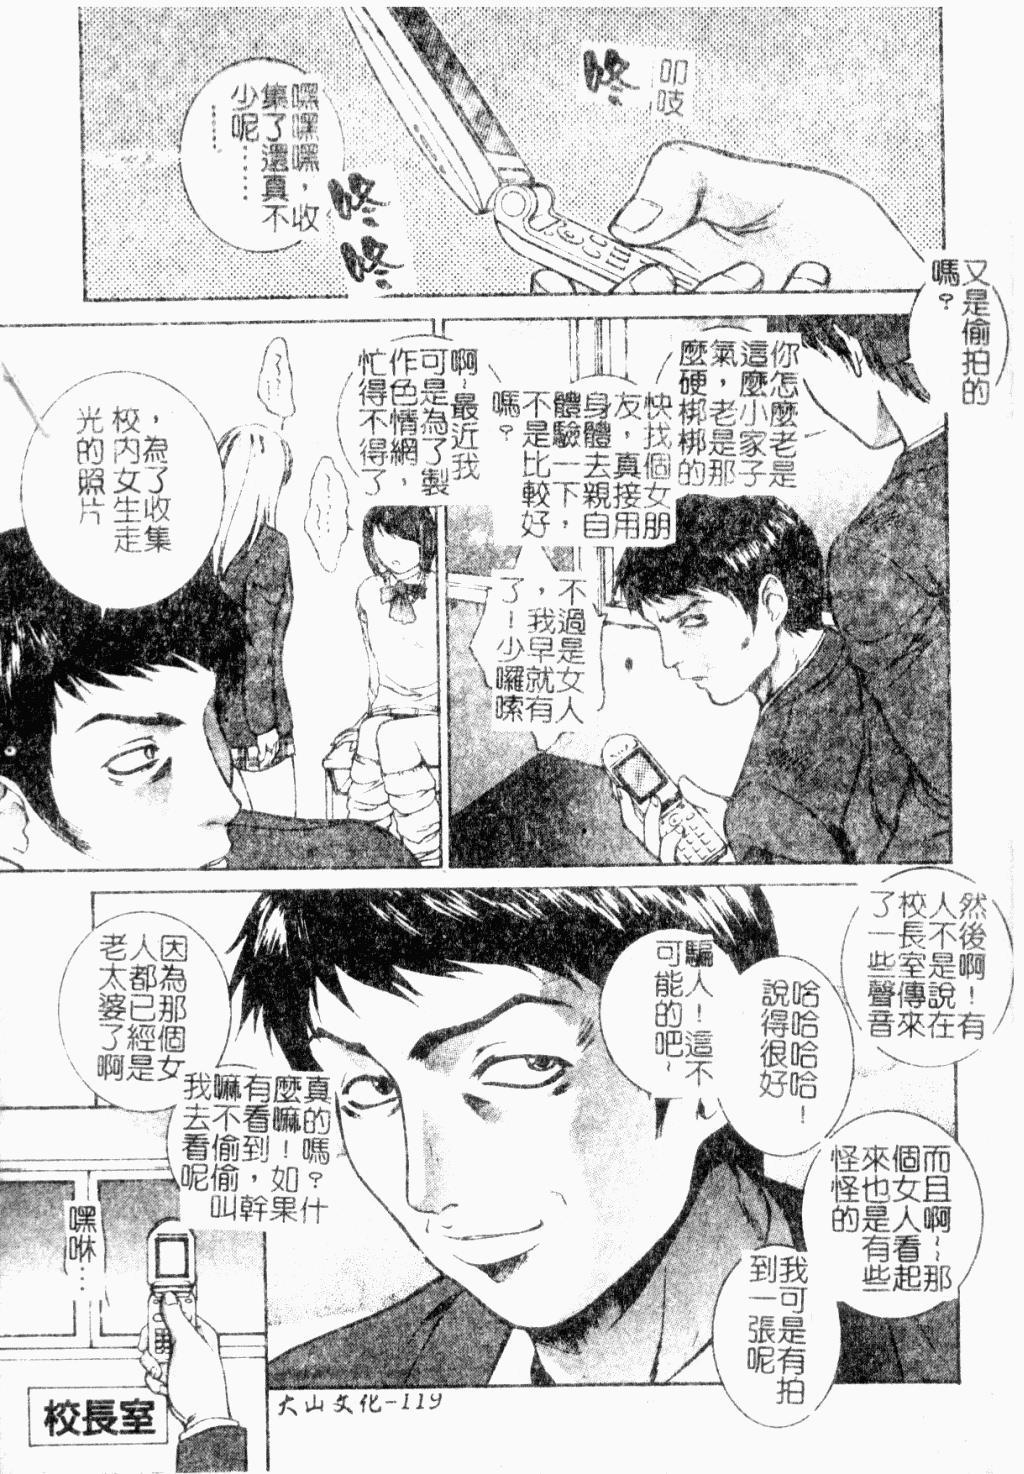 Choukyou Gakuen 2 Genteiban 118